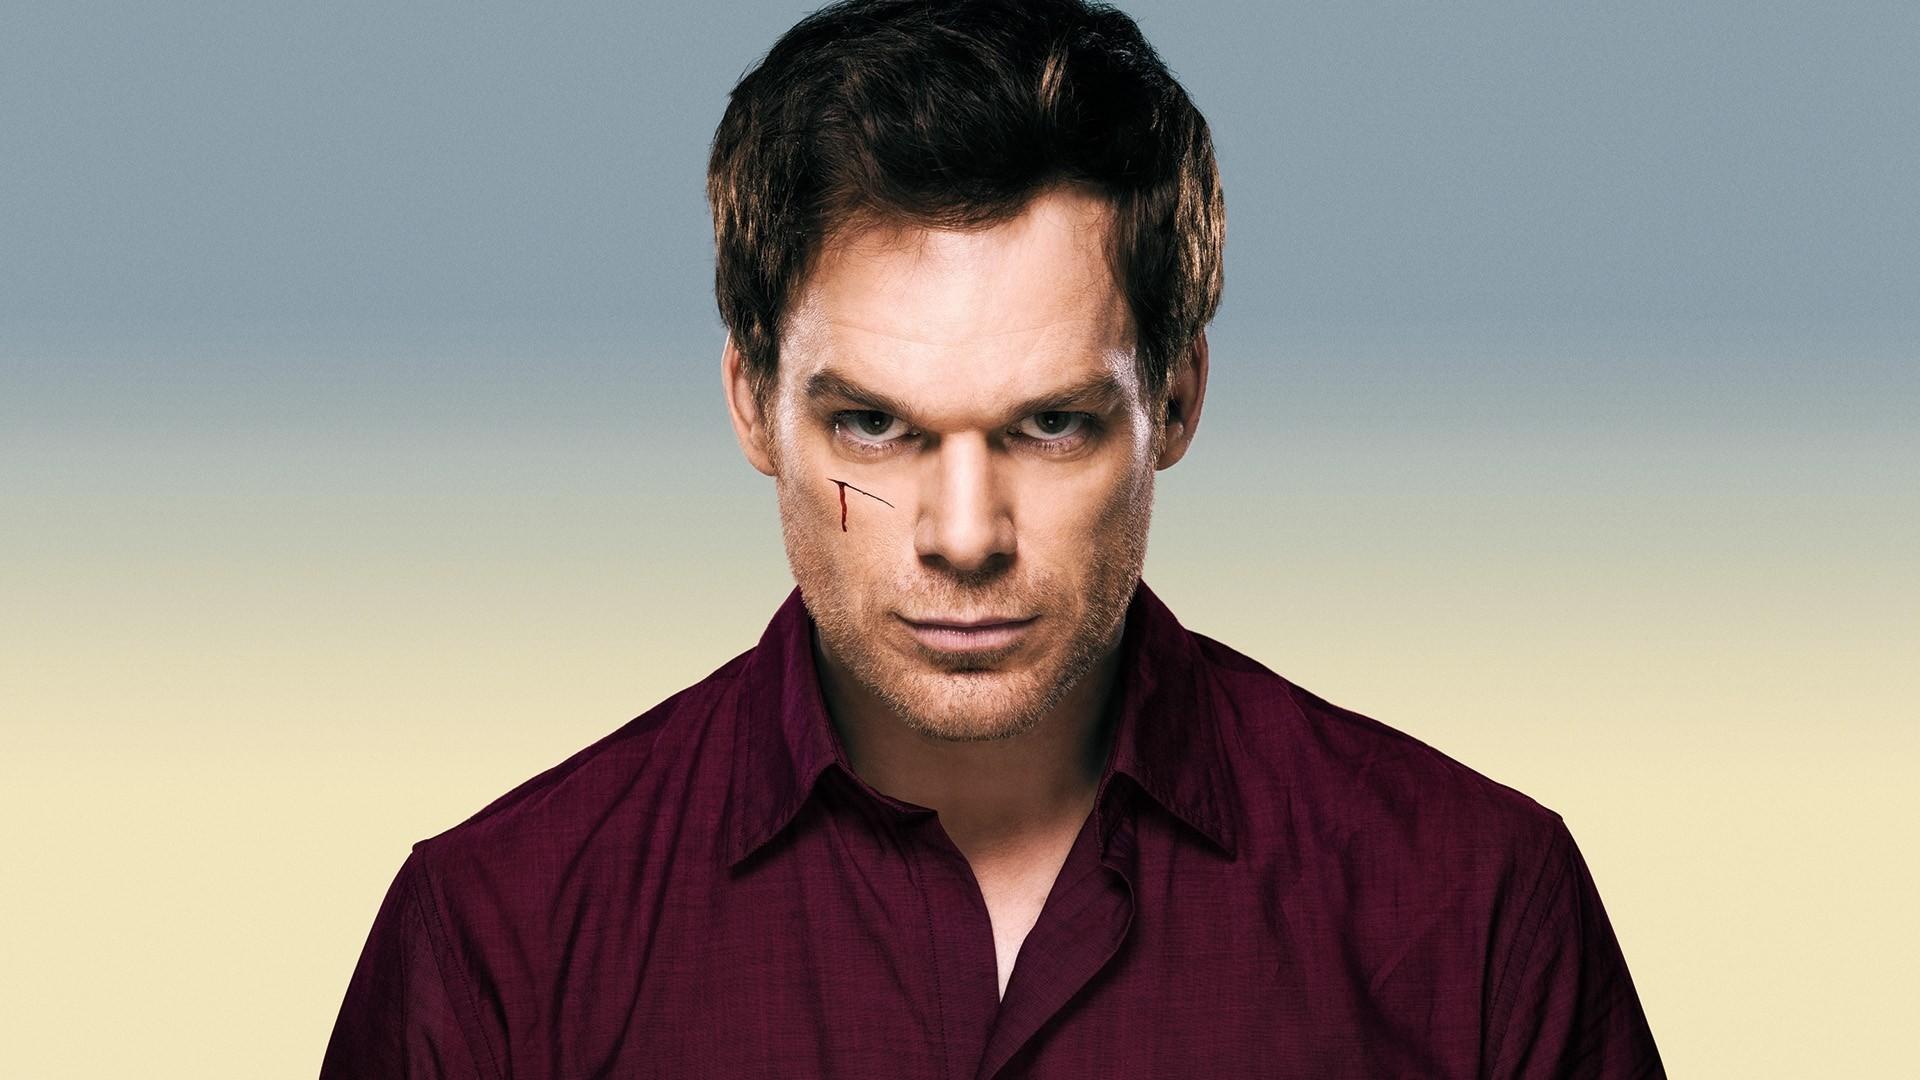 Dexter Morgan in Dexter